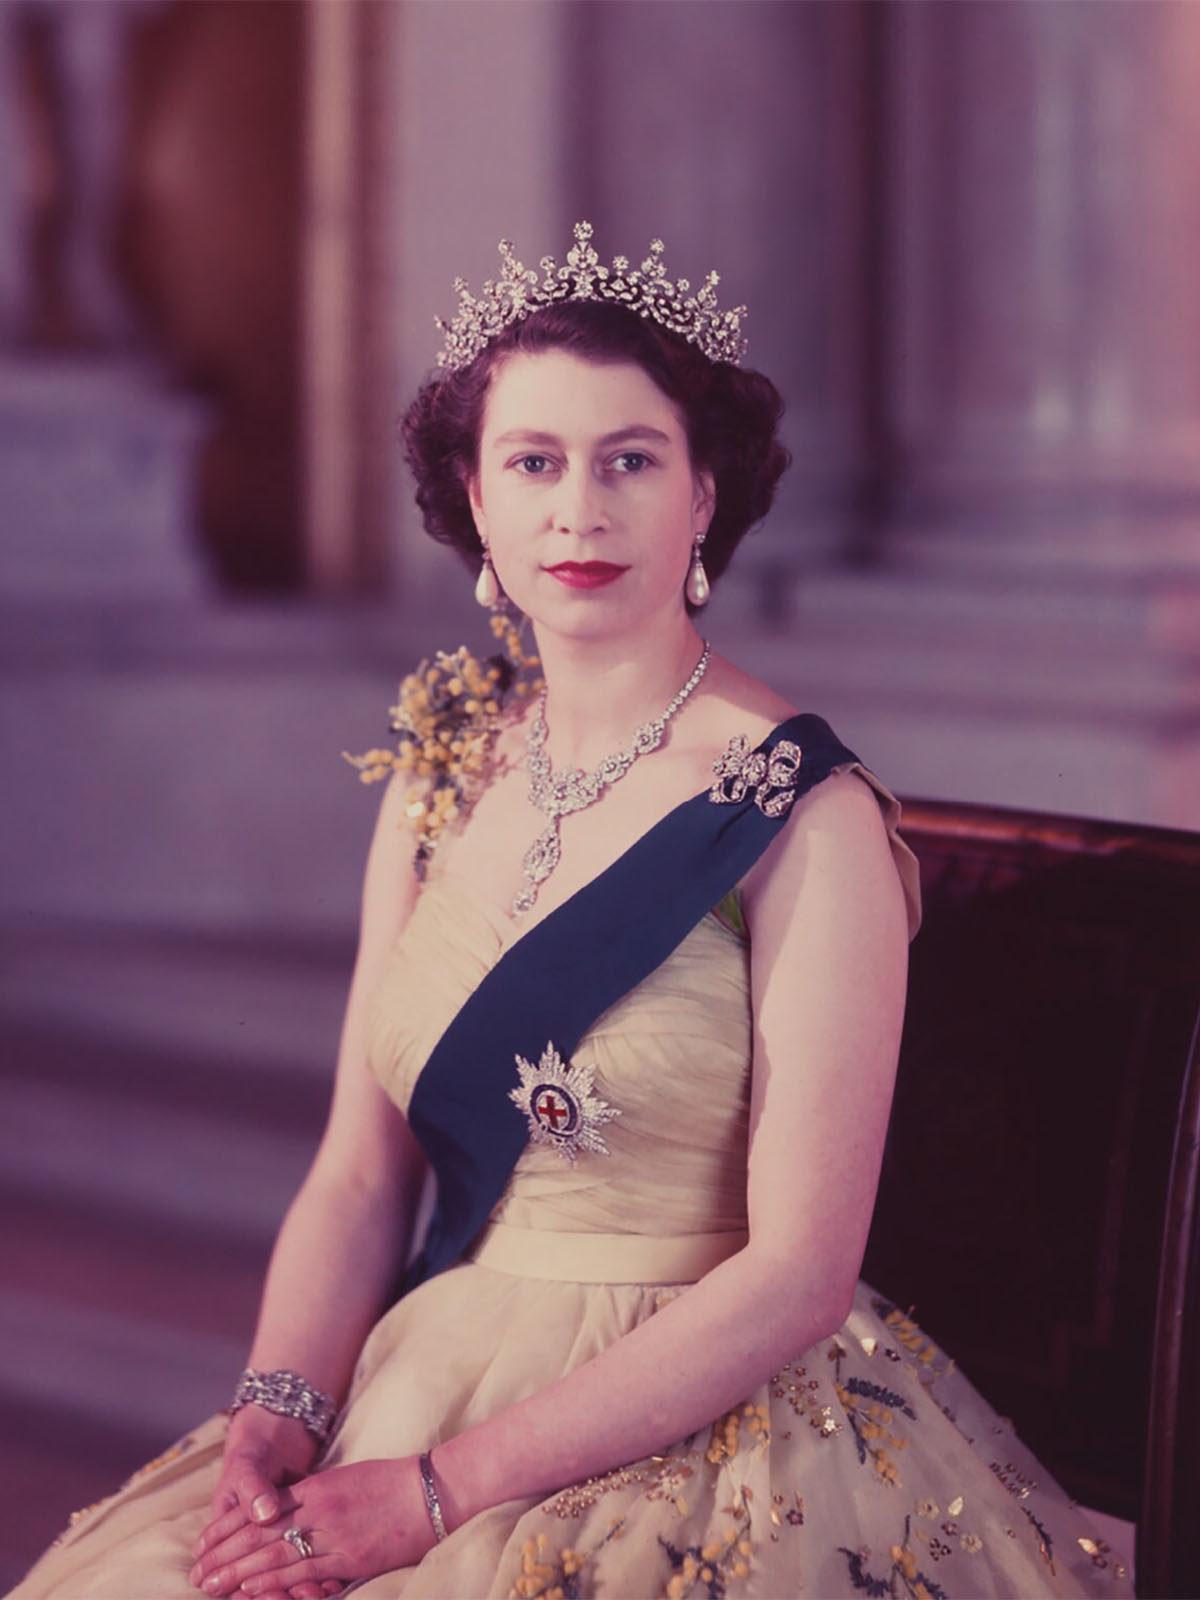 HM Queen Elizabeth II | HM Elizabeth II Queen of the